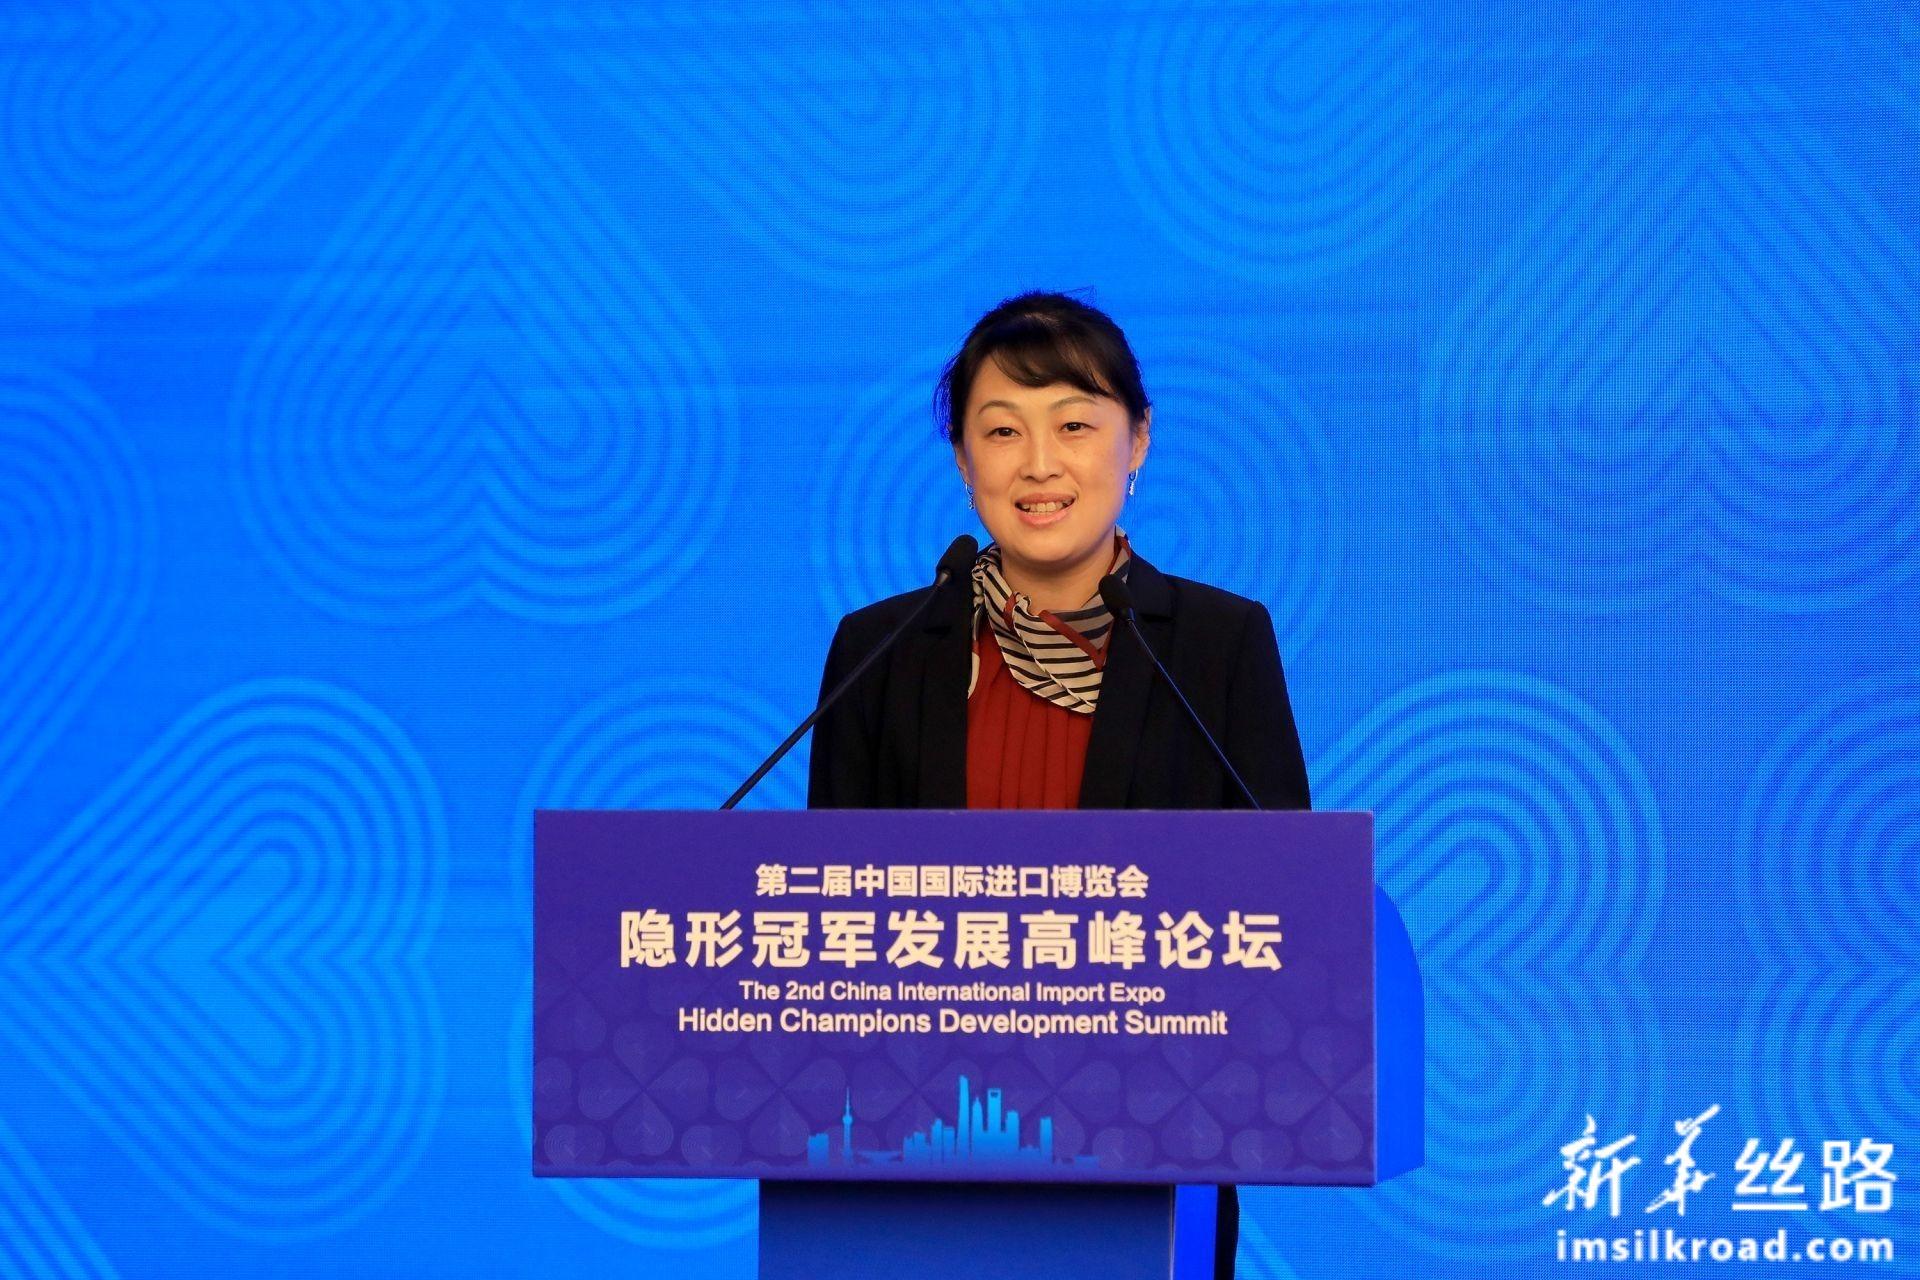 新华社中国经济信息社董事、副总裁 李月女士主持论坛